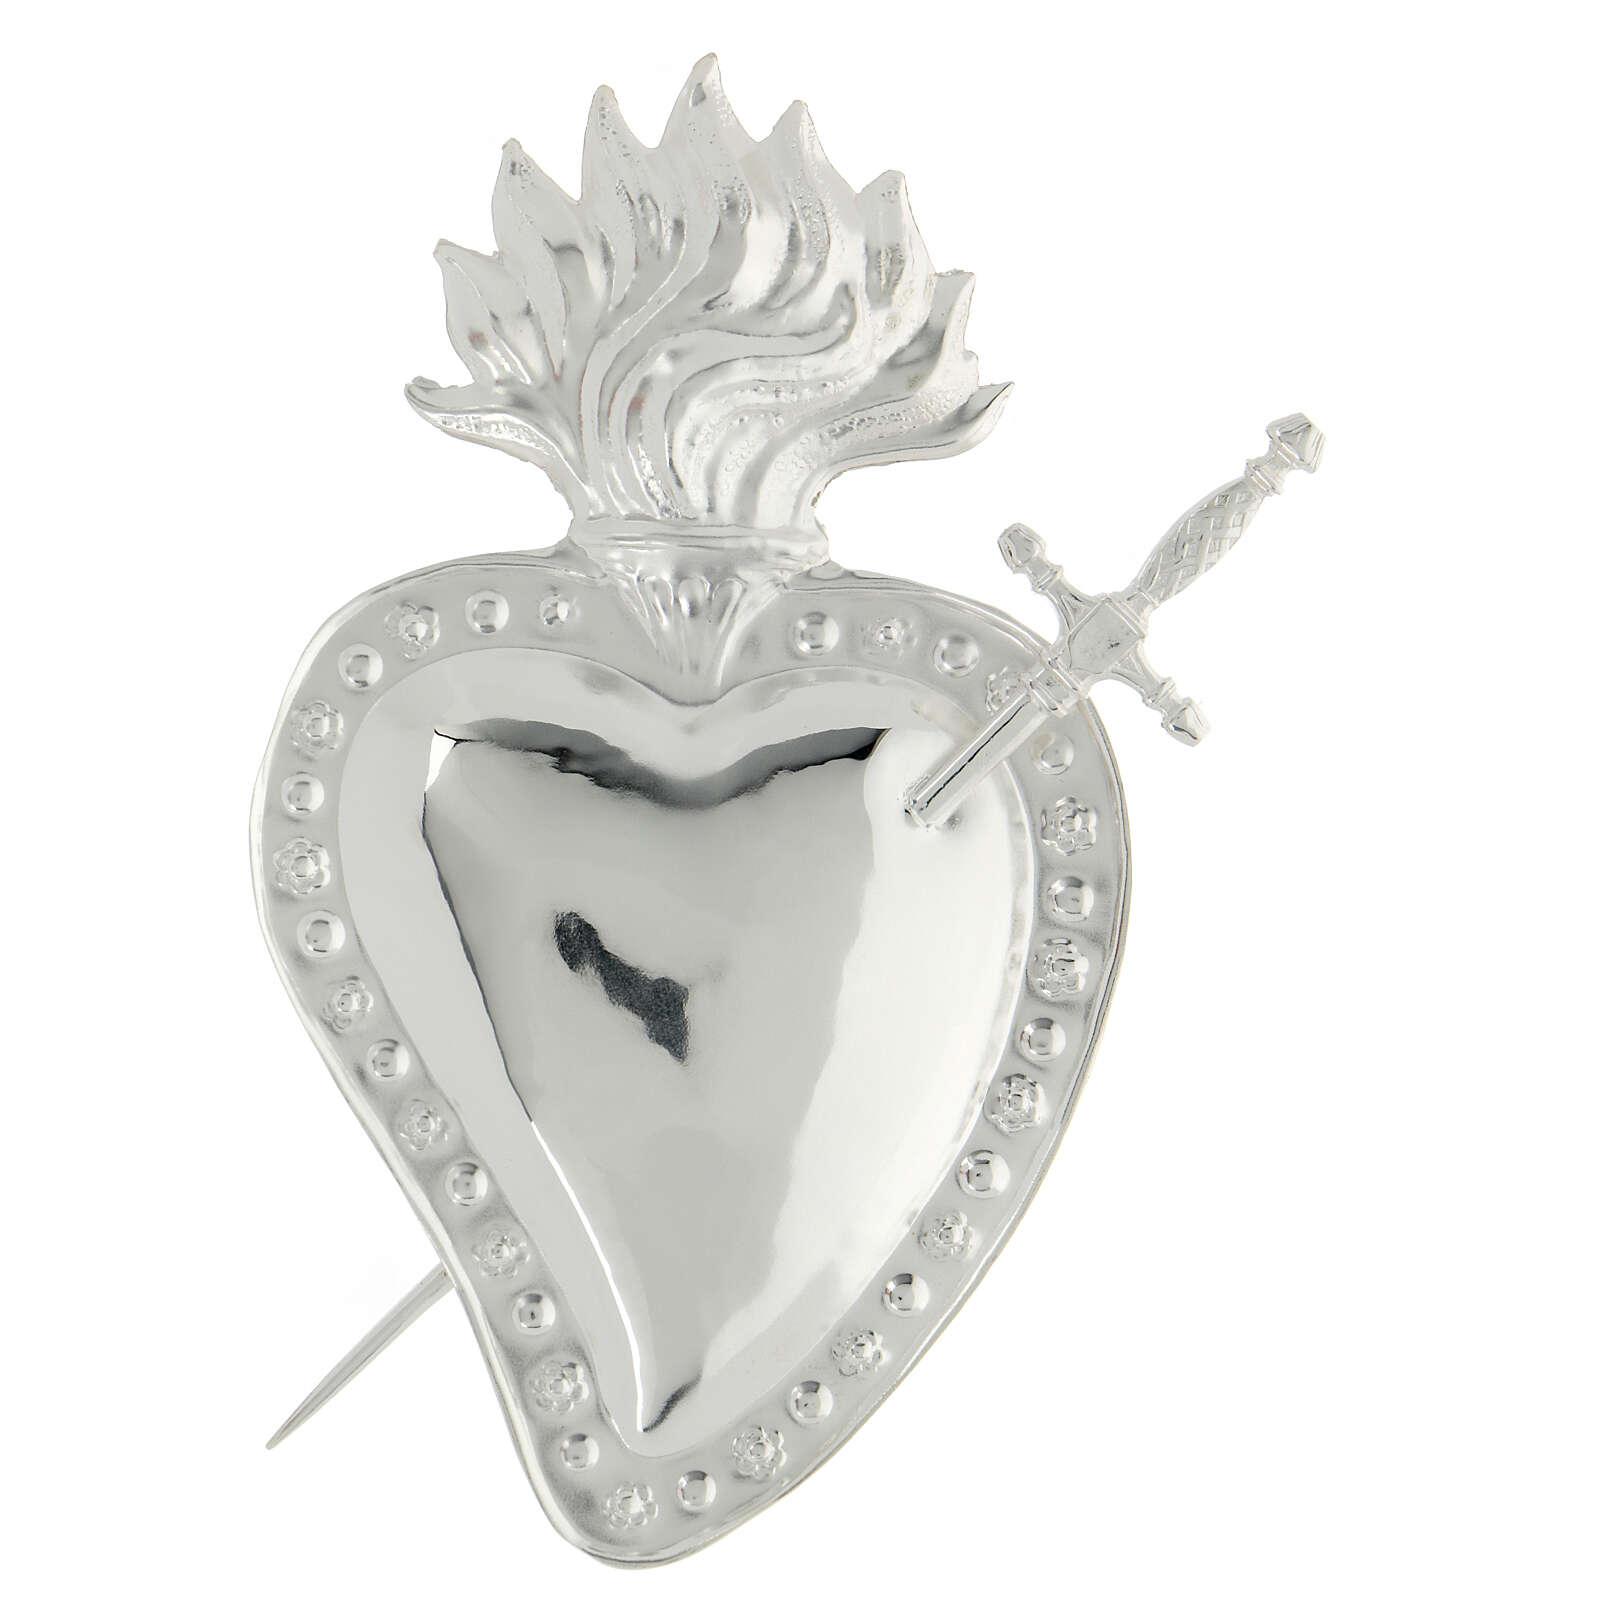 Ex voto cuore trapassato da spada metallo 15x10 cm 3